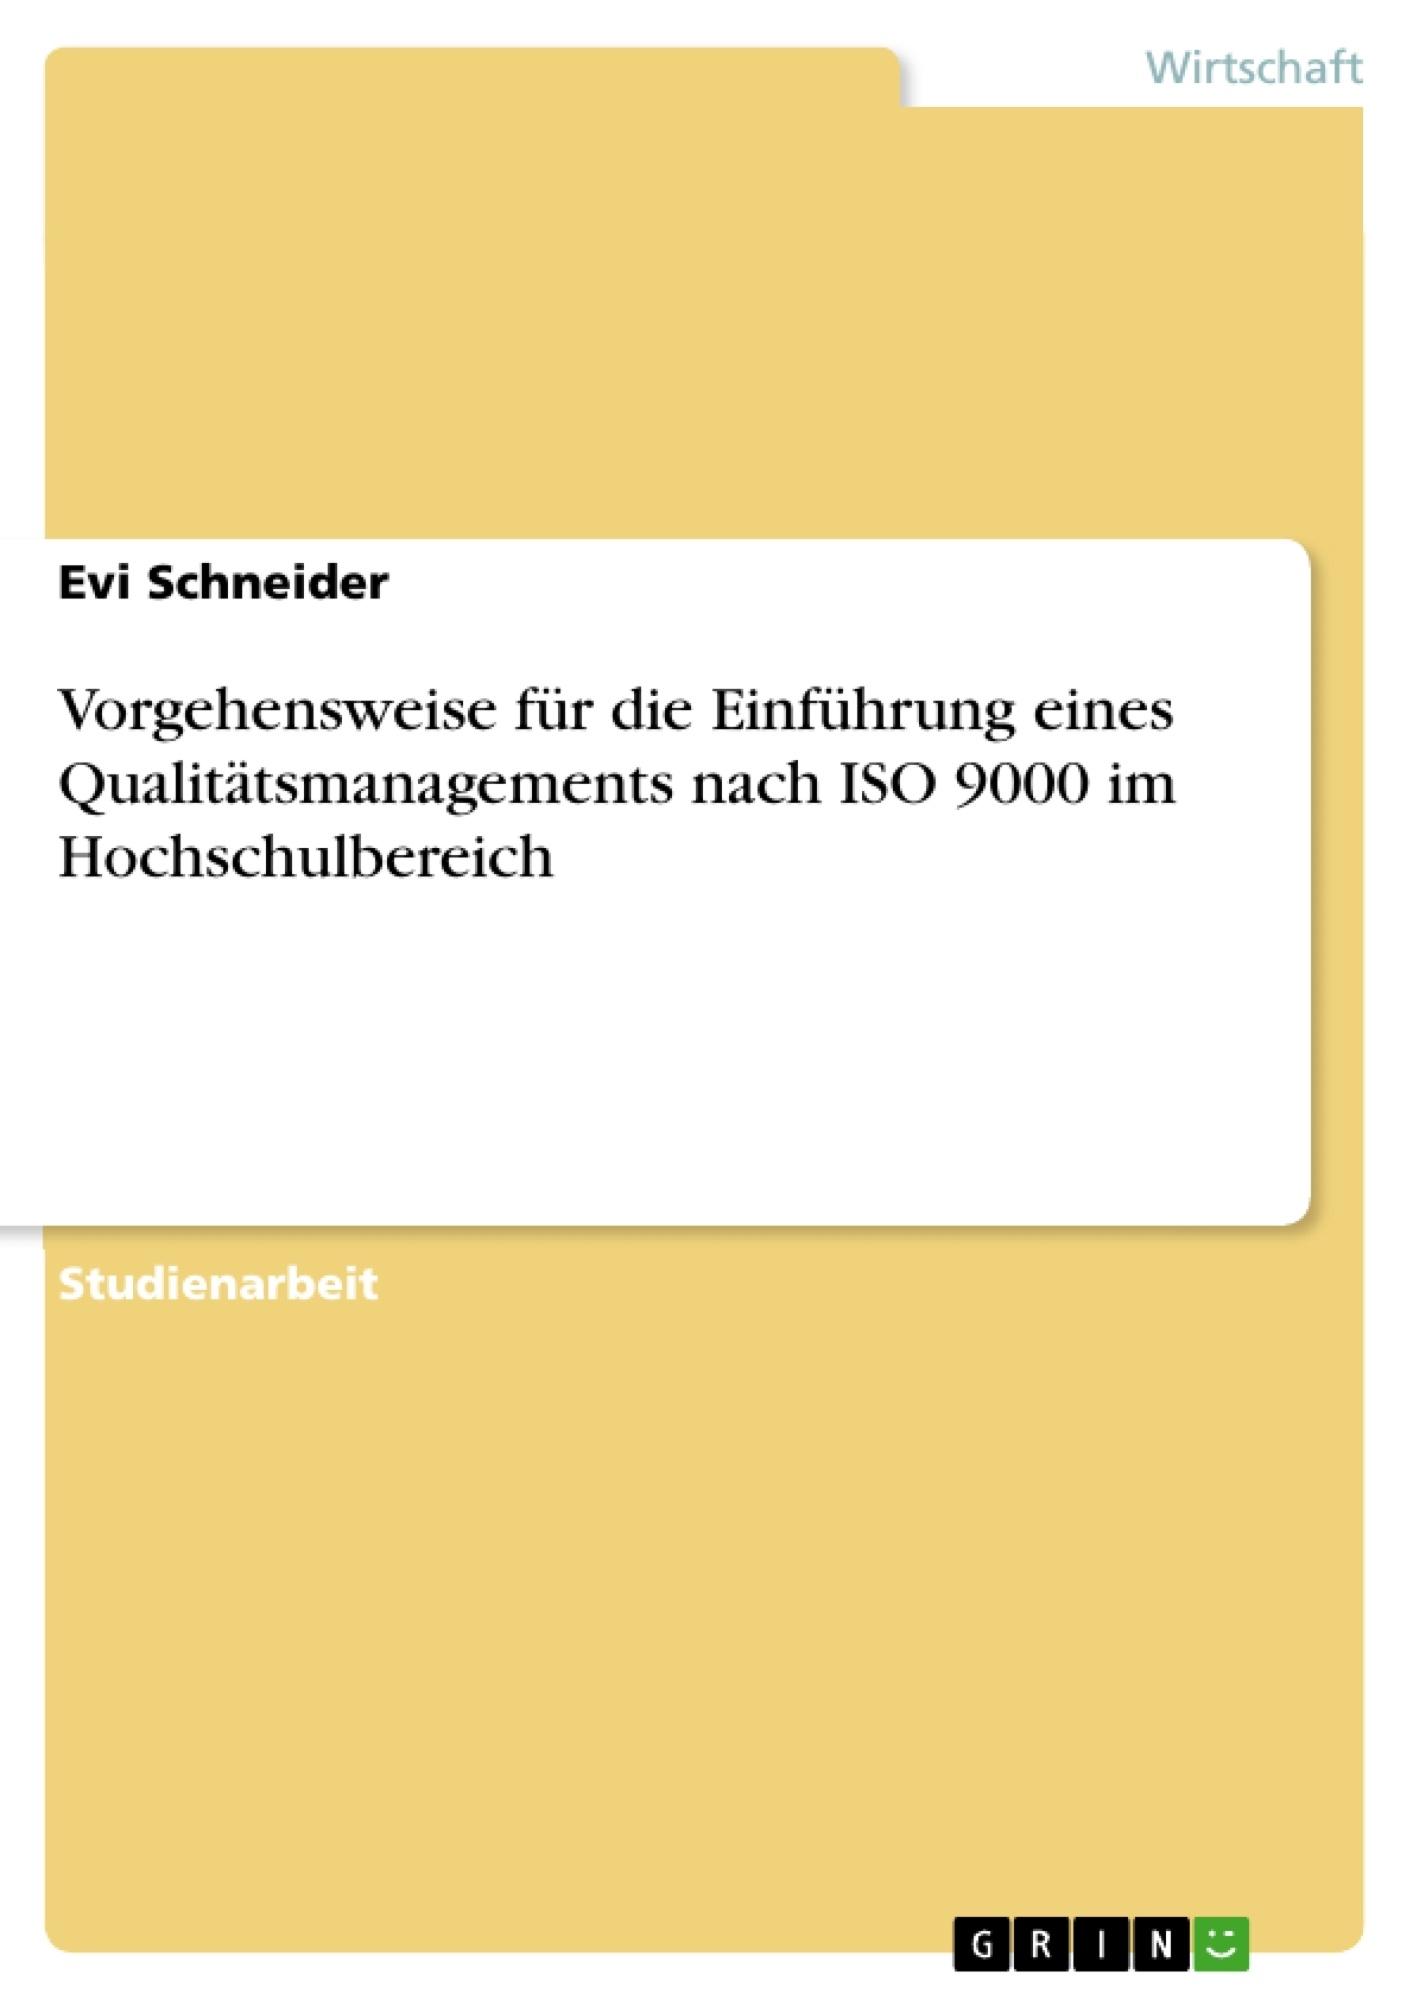 Titel: Vorgehensweise für die Einführung eines Qualitätsmanagements nach ISO 9000 im Hochschulbereich